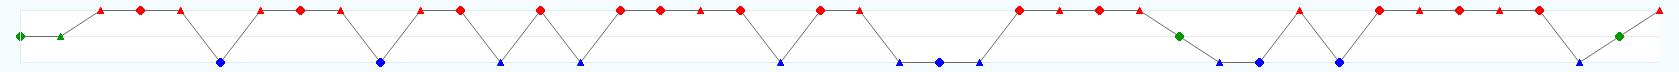 格拉纳达CF盘路走势图